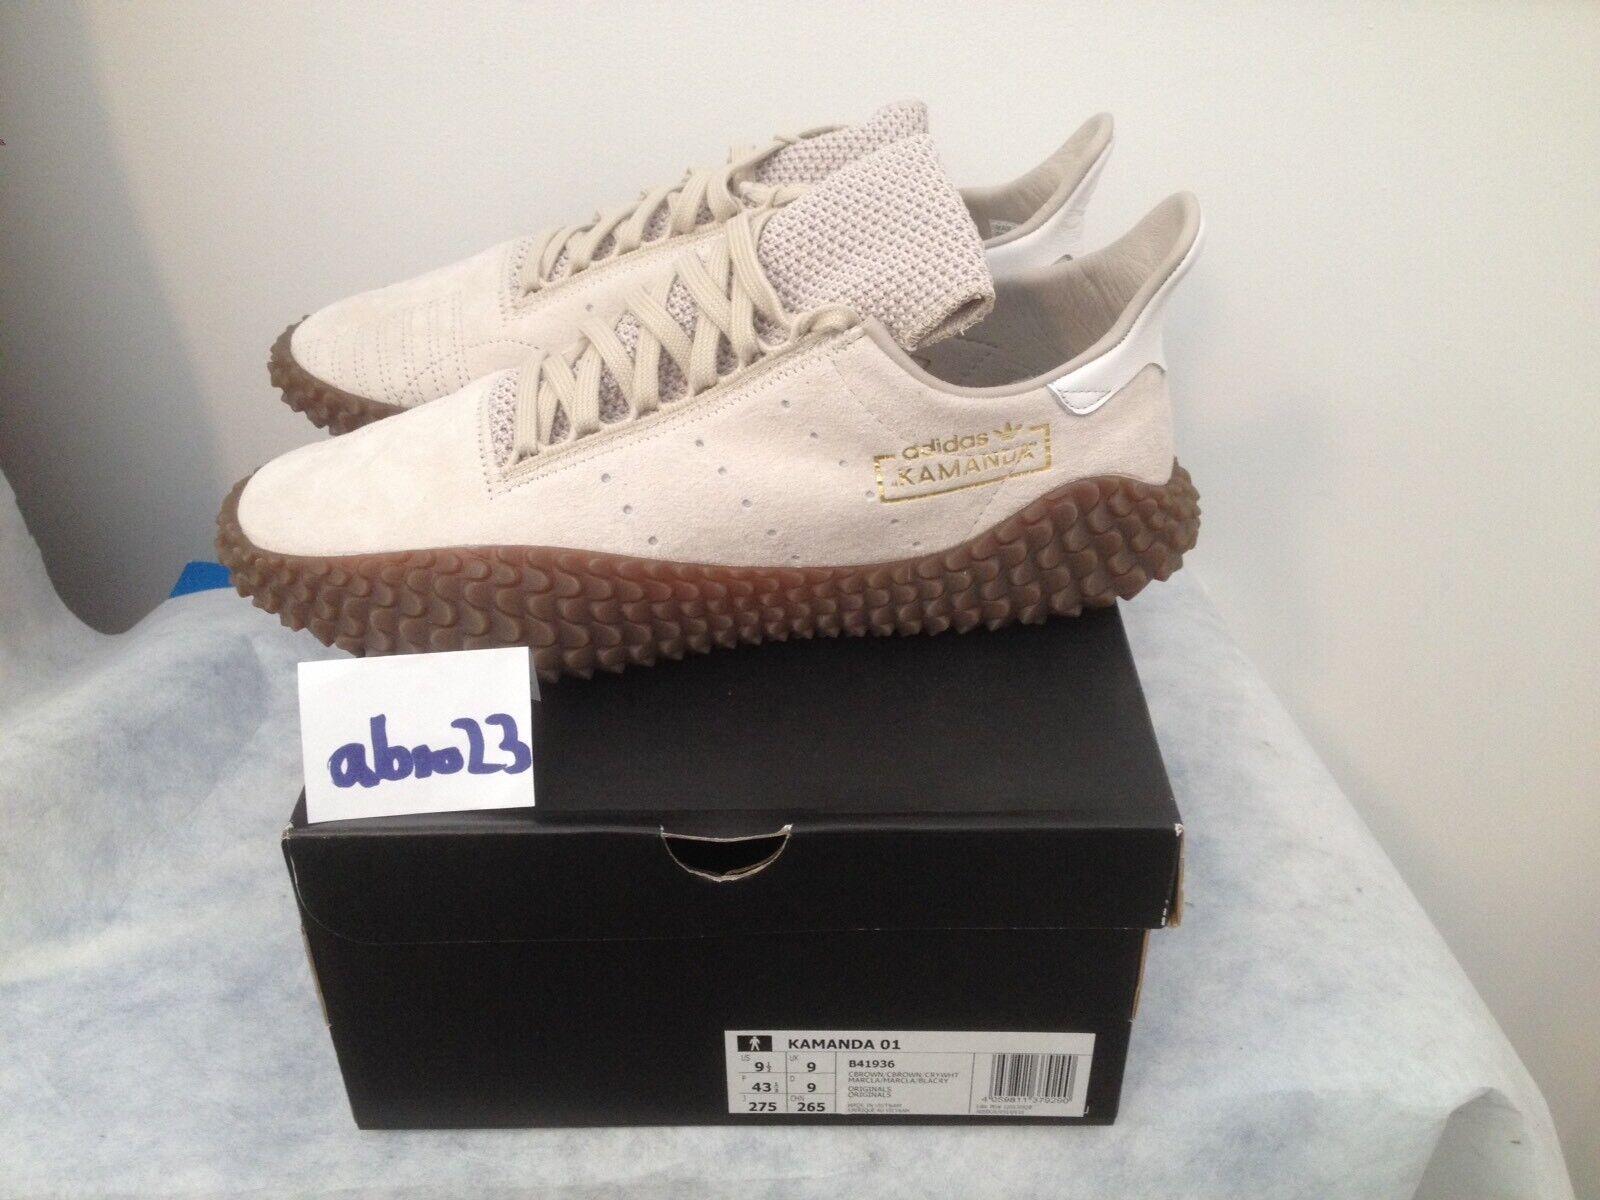 Adidas KAMANDA 01 in 42 2 3 UK 8.5 US 9 BNWT B41936 TITAN NEU